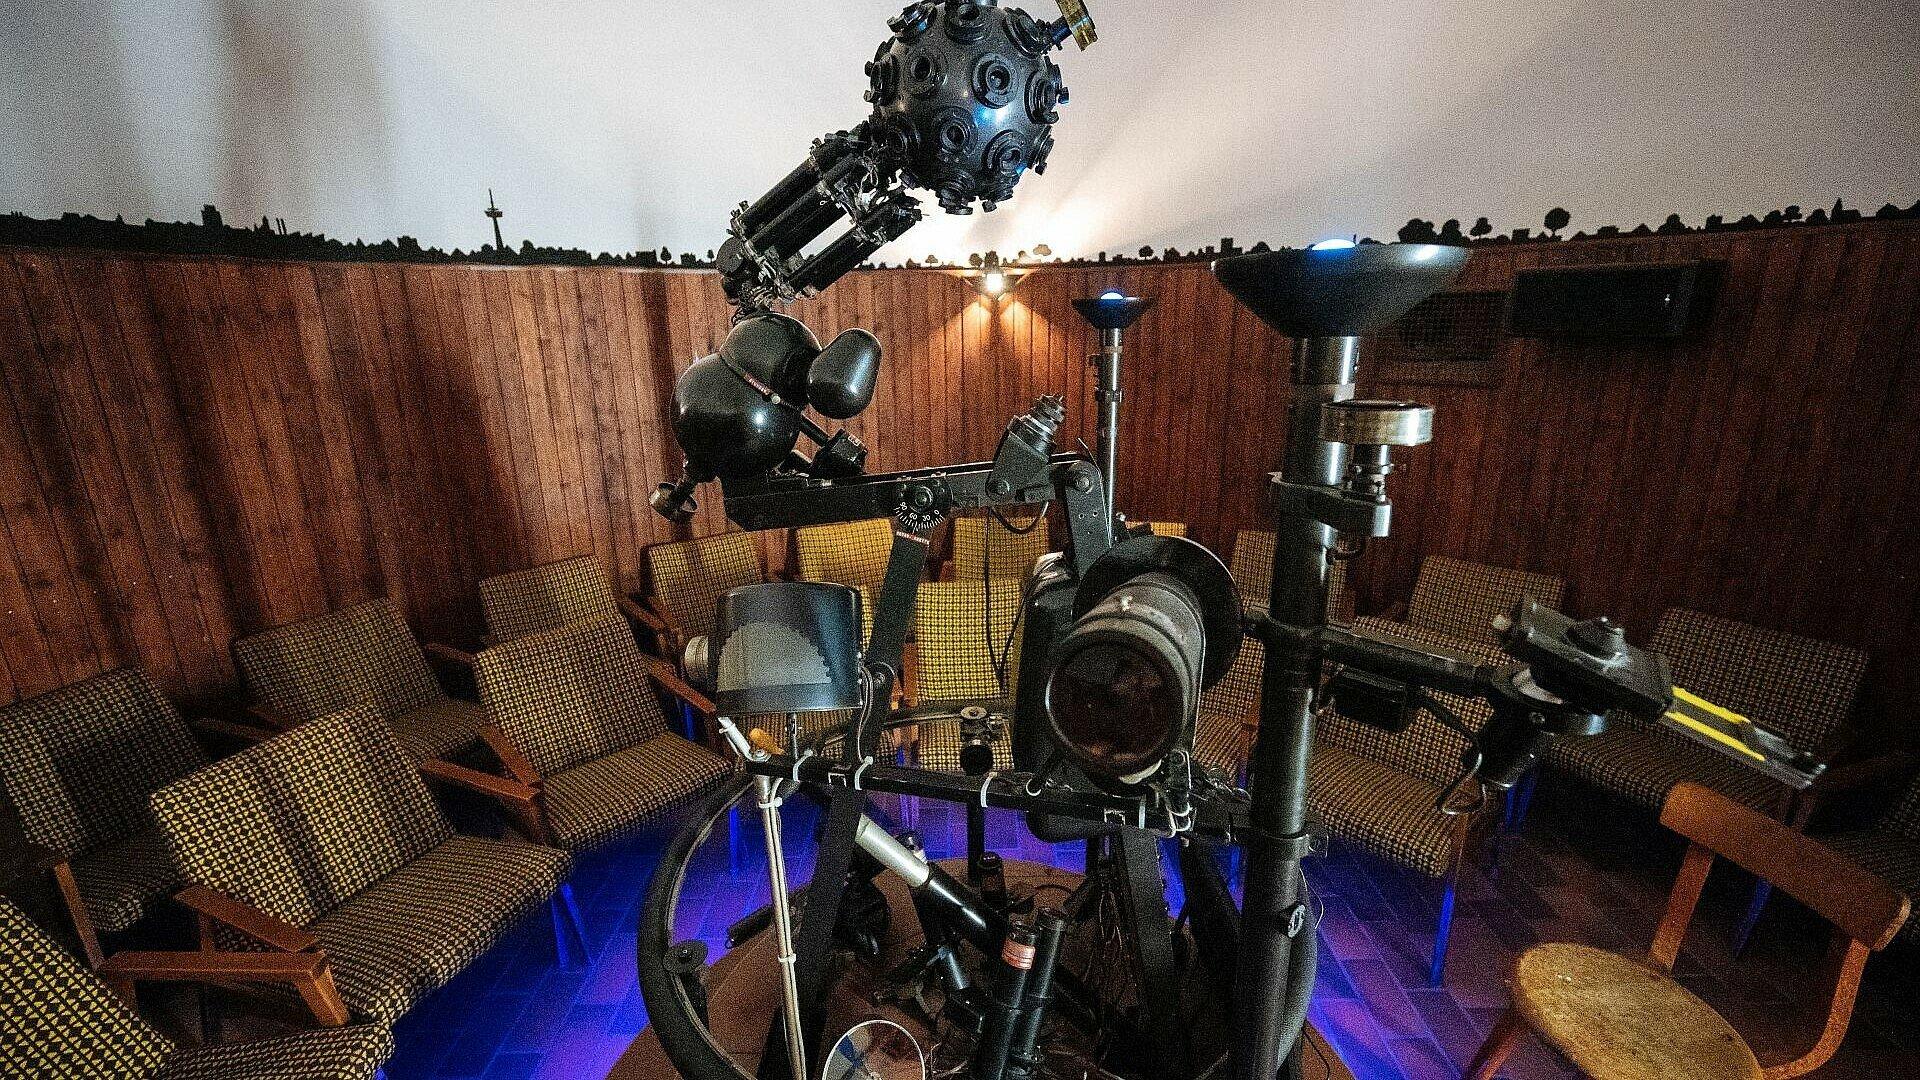 Raum für die Besucher mit Projektor in der Mitte im Planetarium Nippes